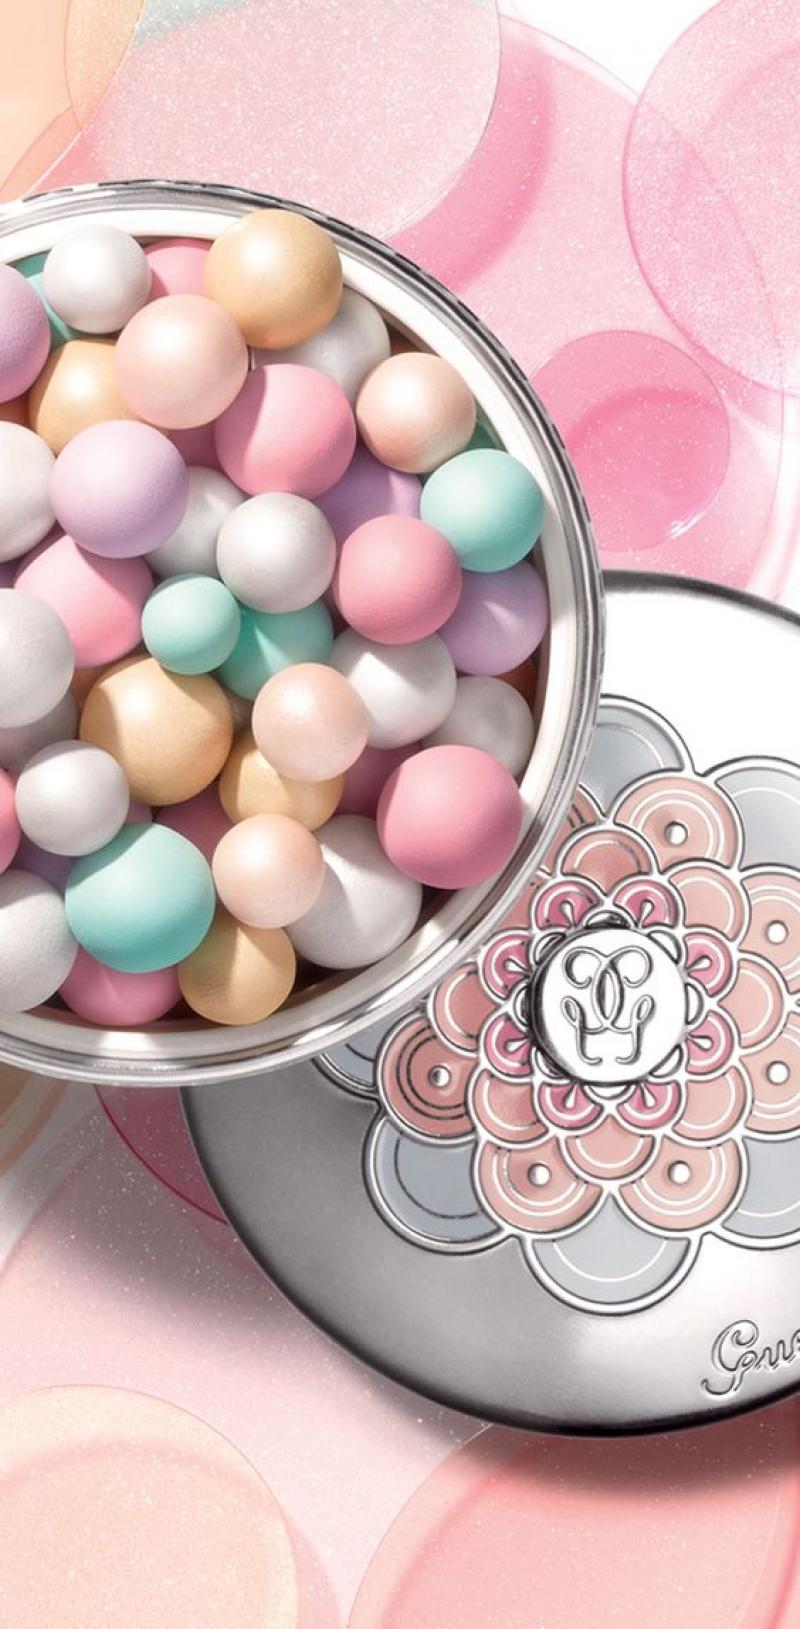 Swatch Météorites Perles Poudre Lumière, Guerlain